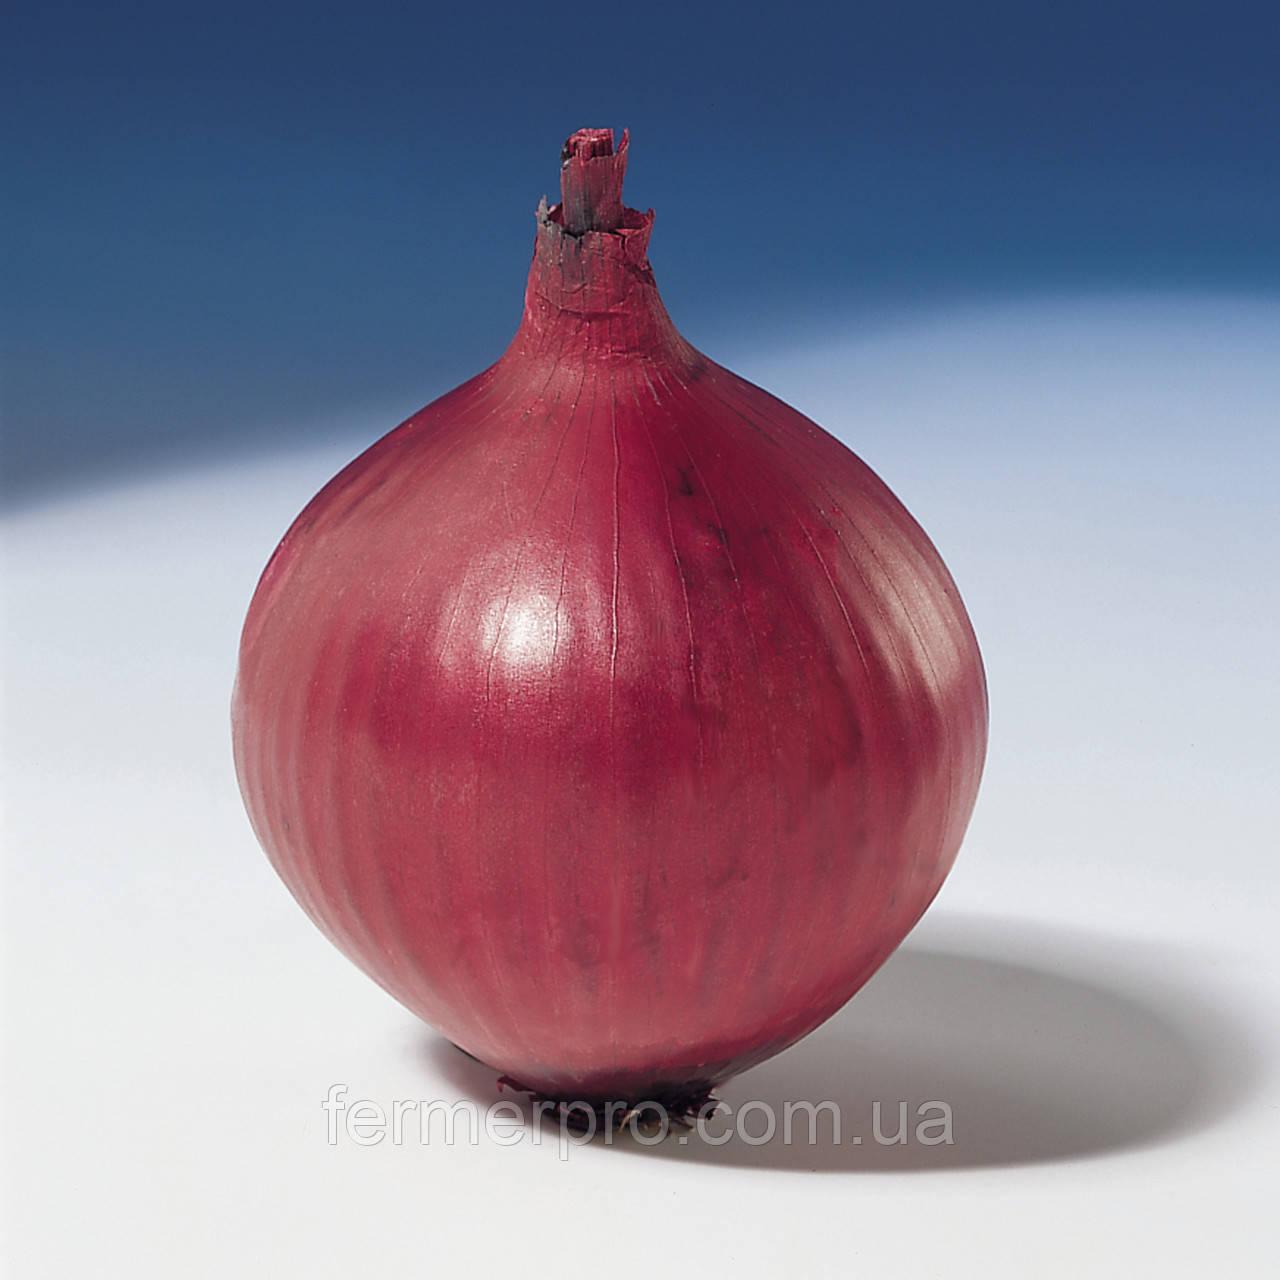 Насіння червоного цибулі Ред Барон \ Red Baron 250.000 насіння Bejo Zaden